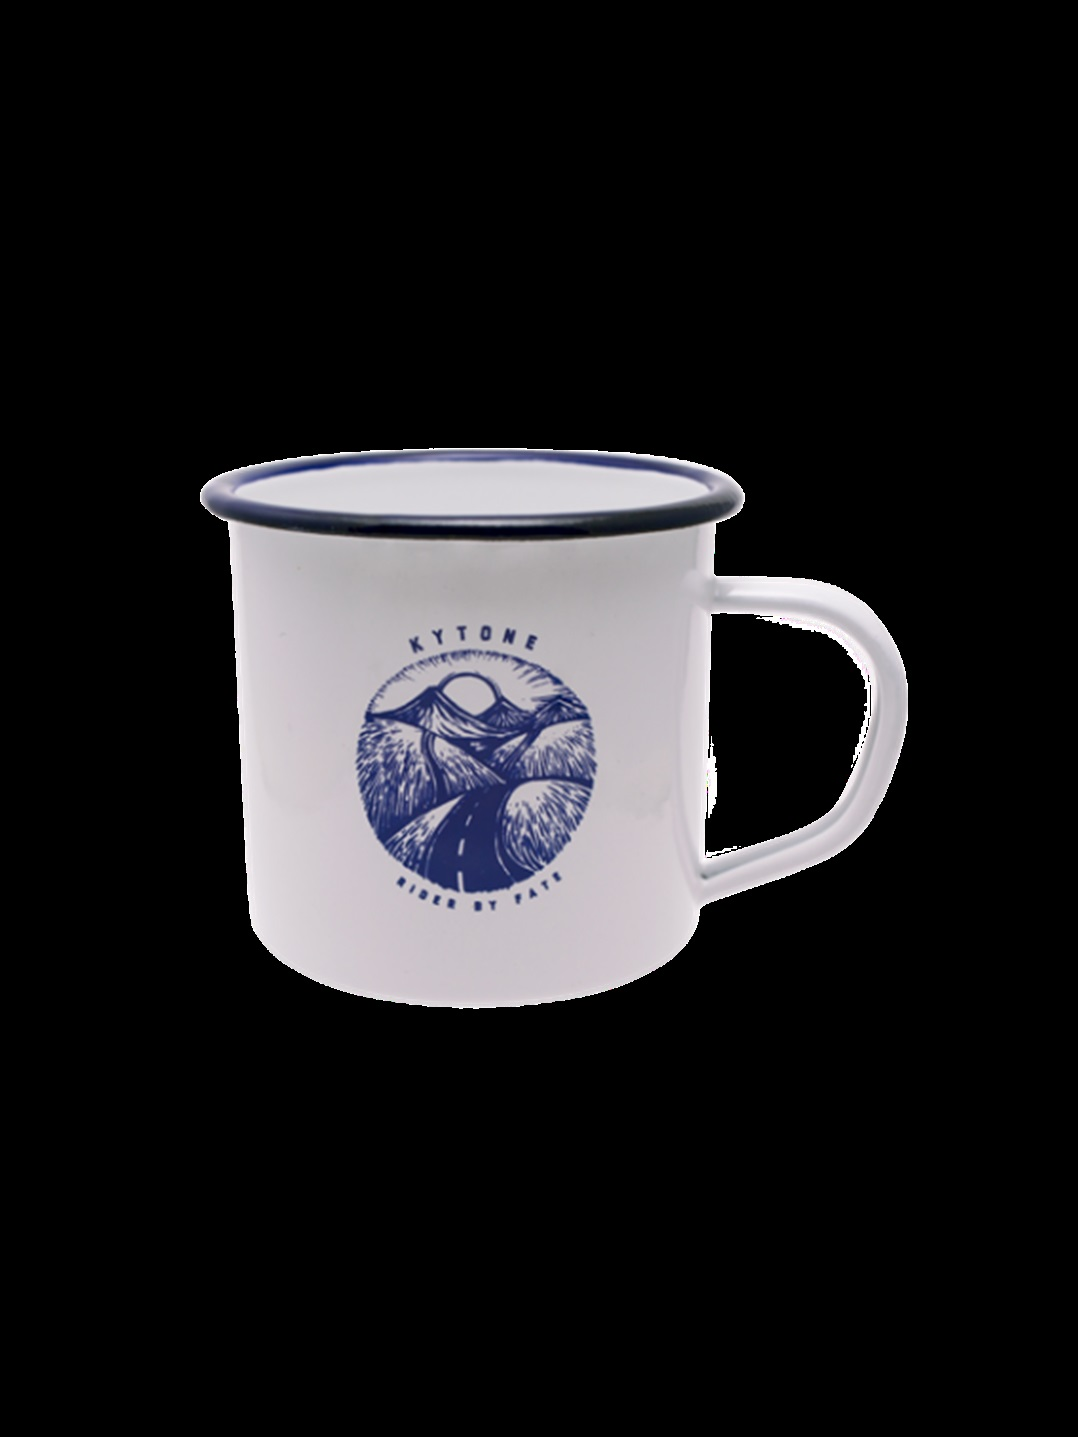 mug-kytone